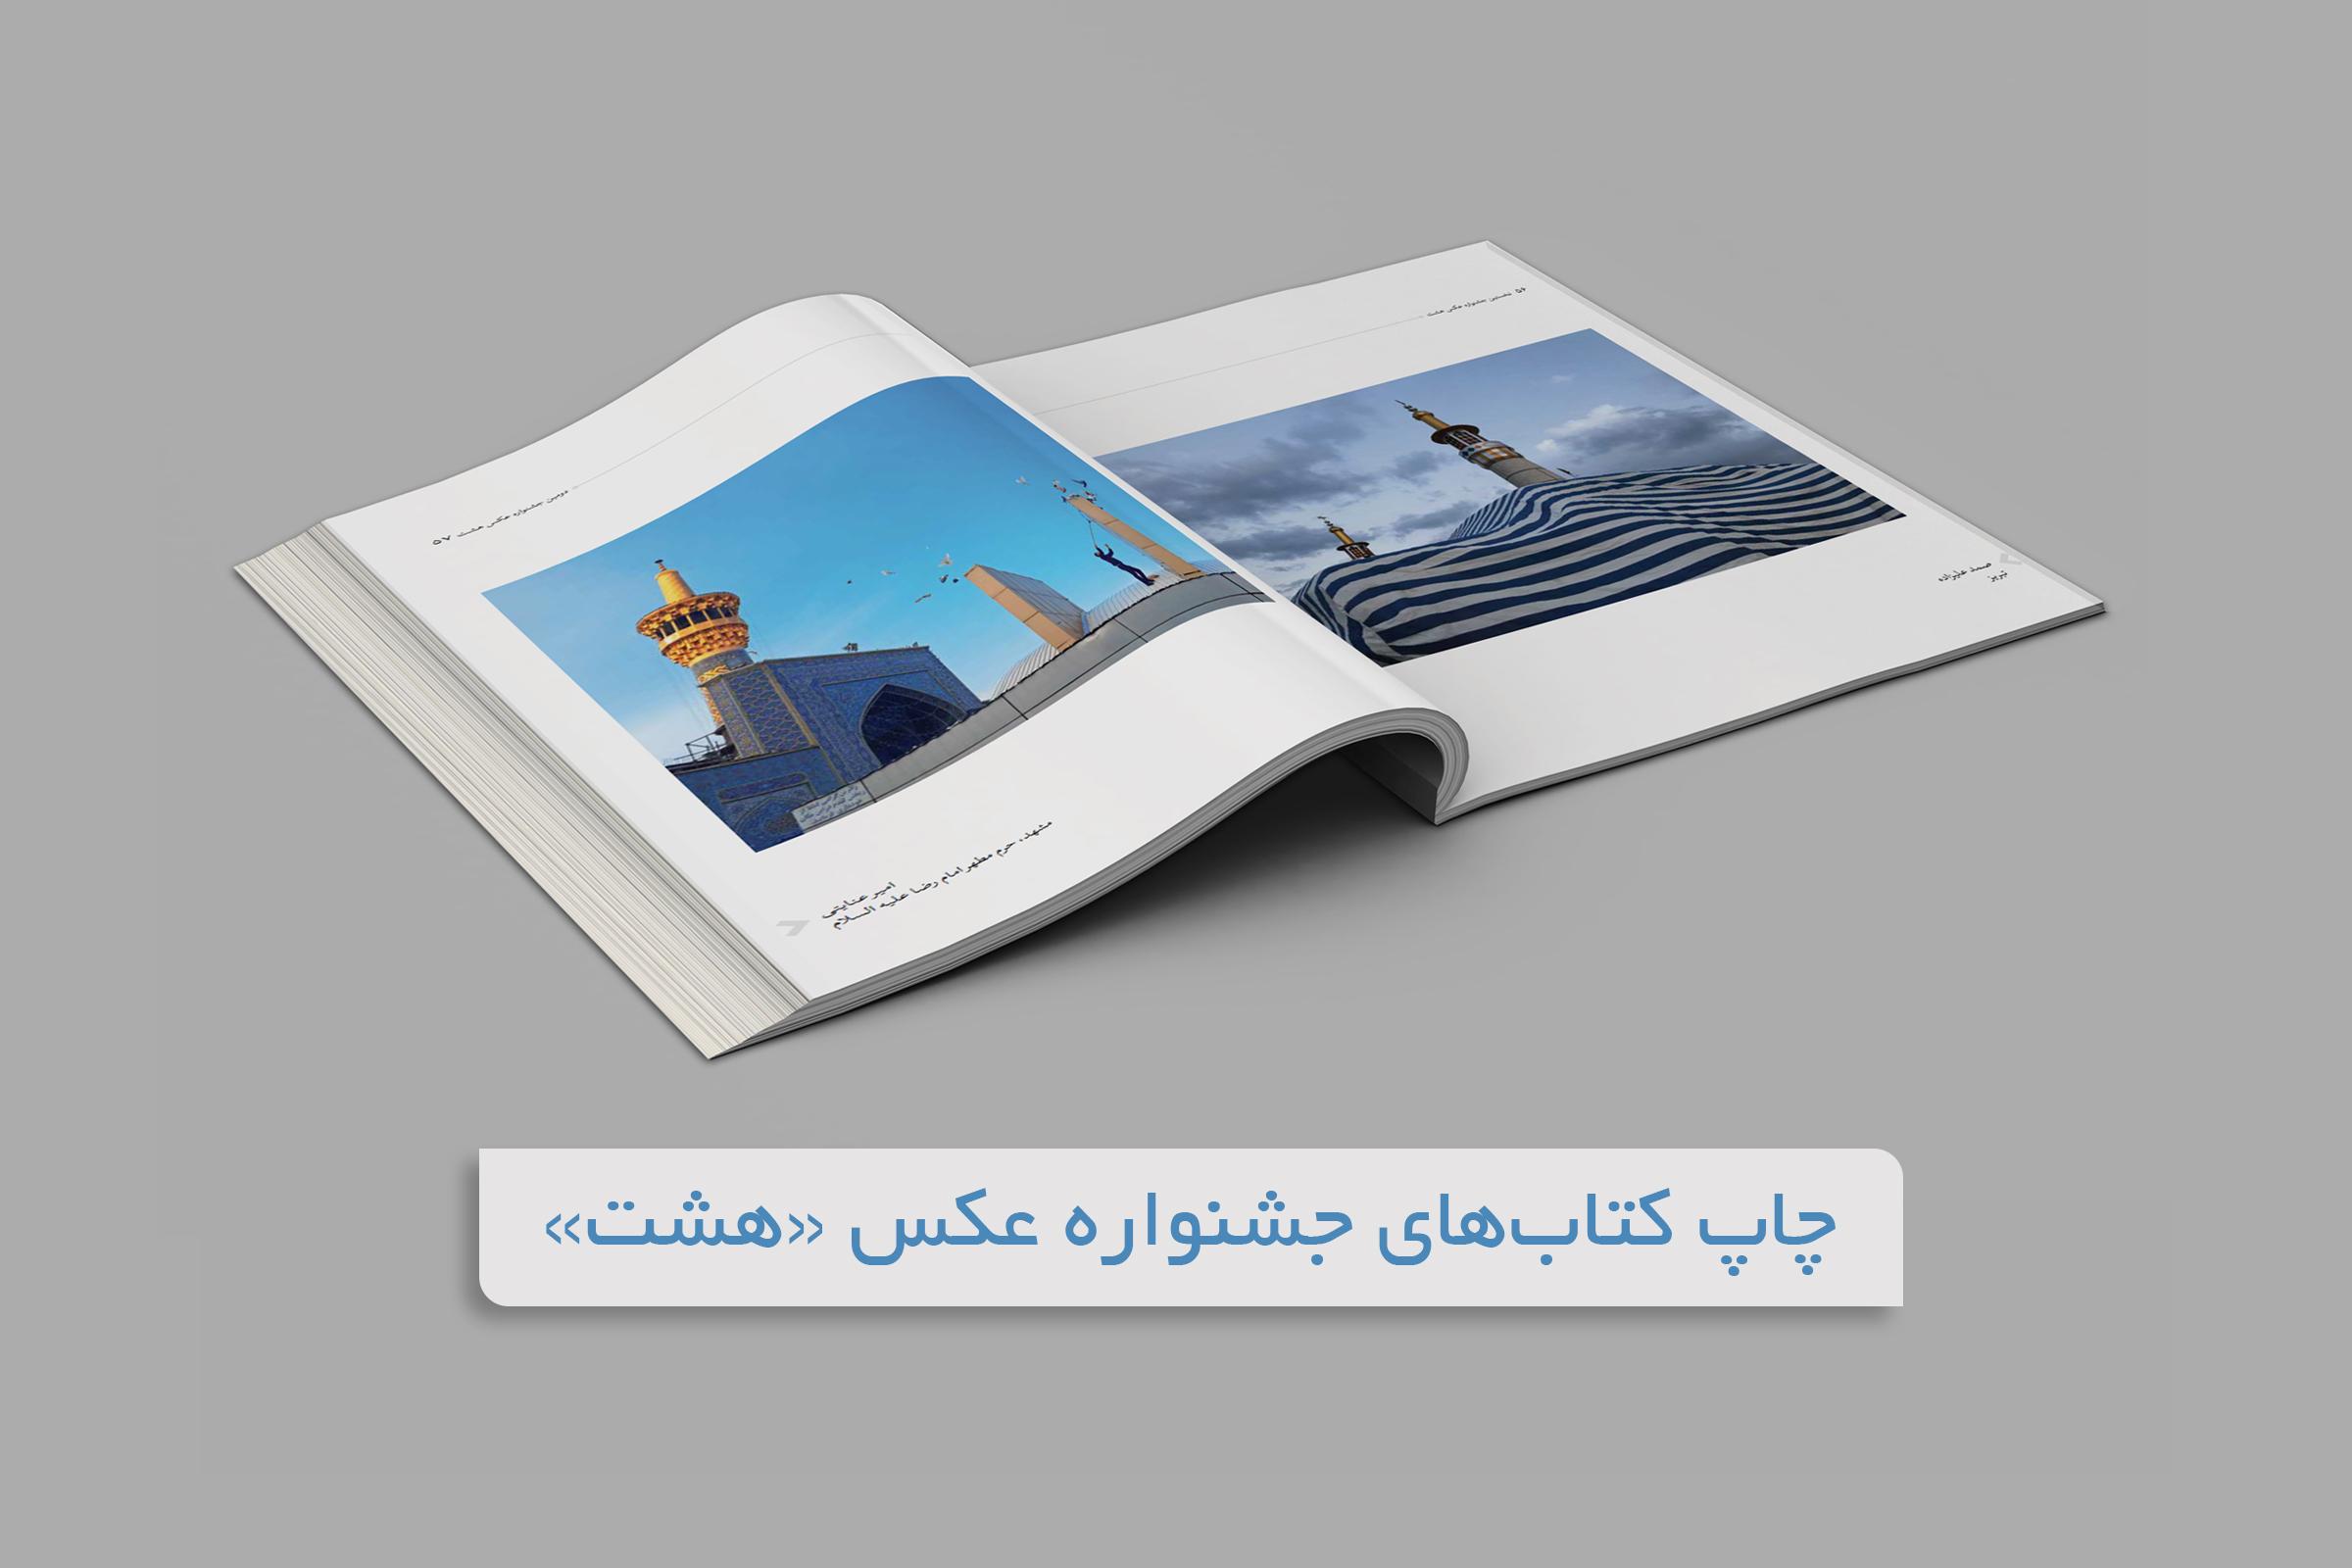 کتاب جشنواره عکس هشت